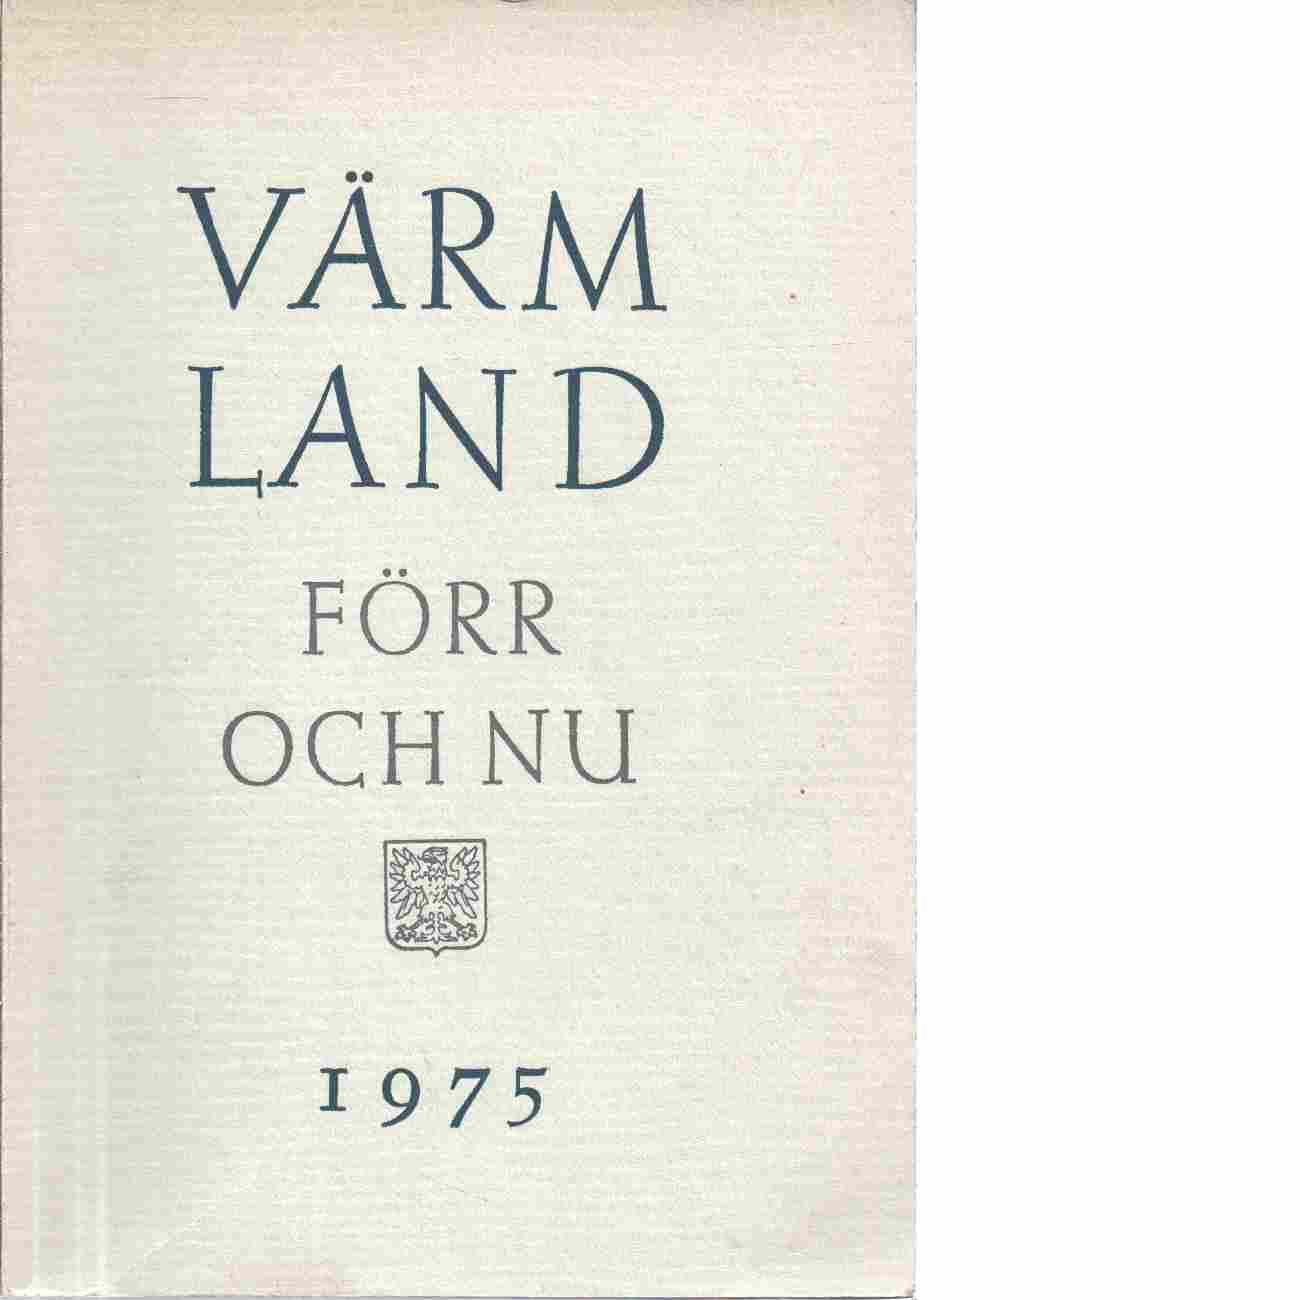 Värmland förr och nu 1975 - Värmlands museum